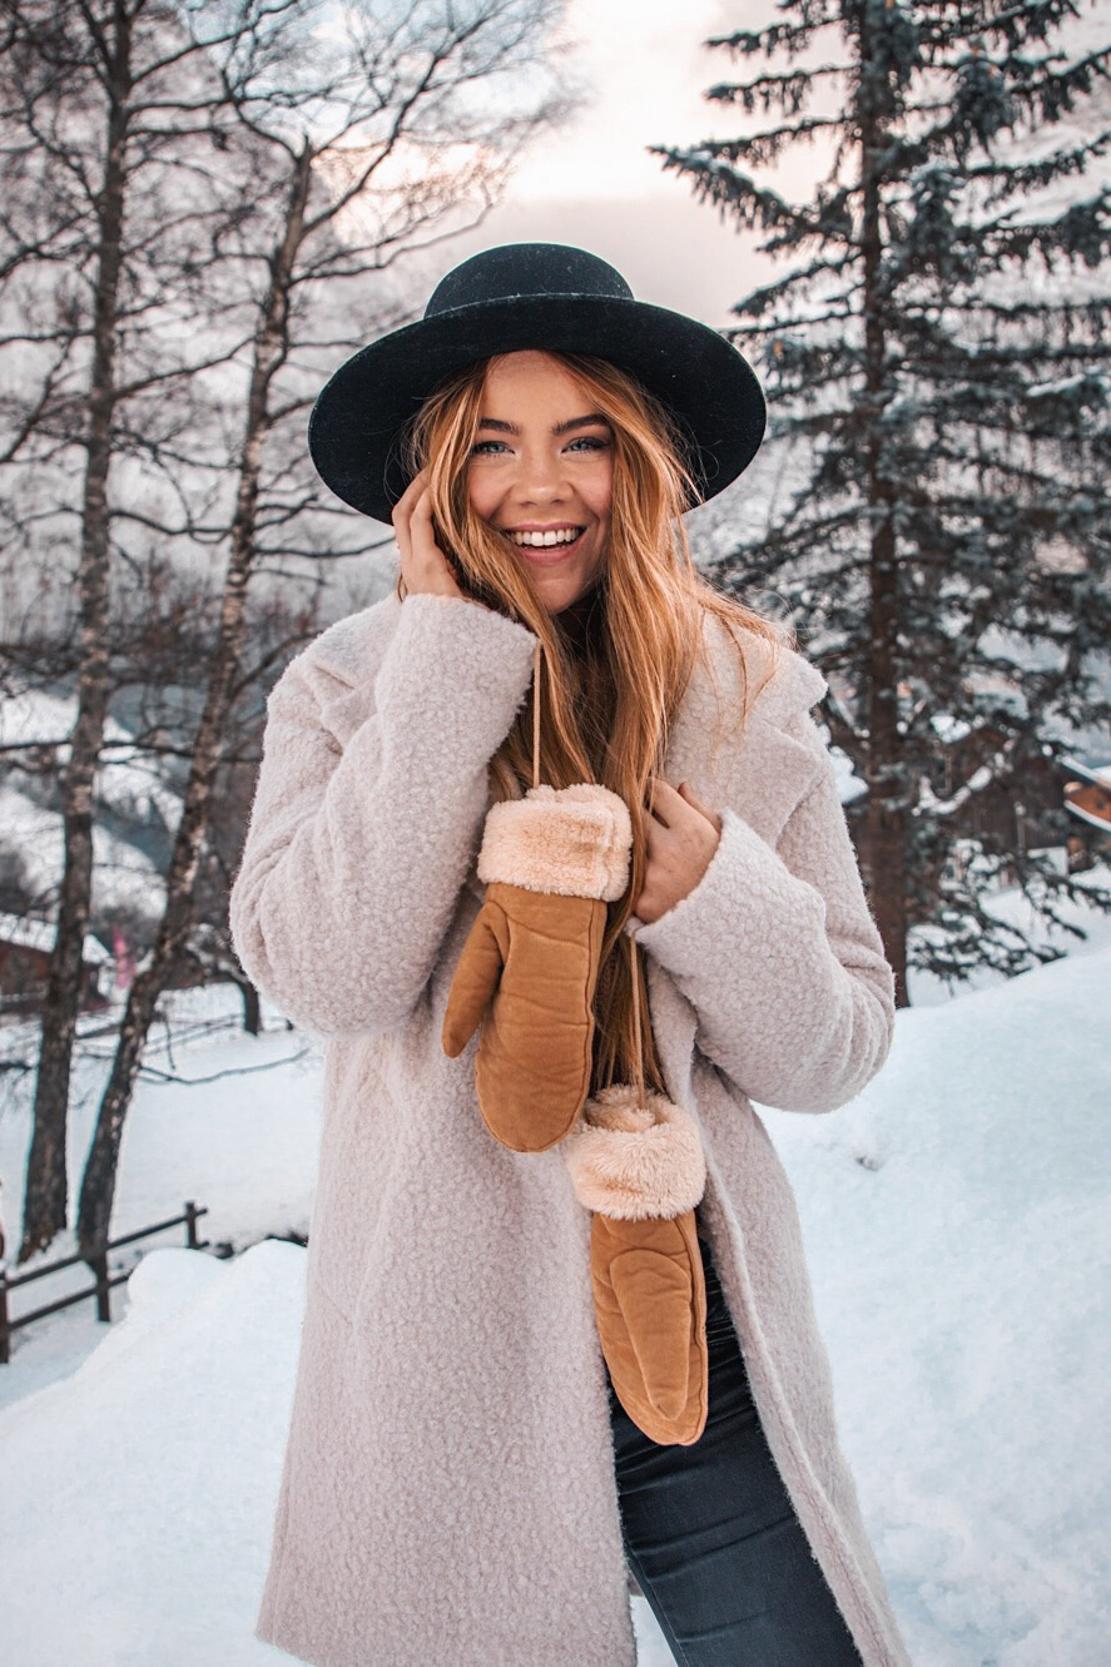 stylish-winter-outfits-switzerland-20.jpg